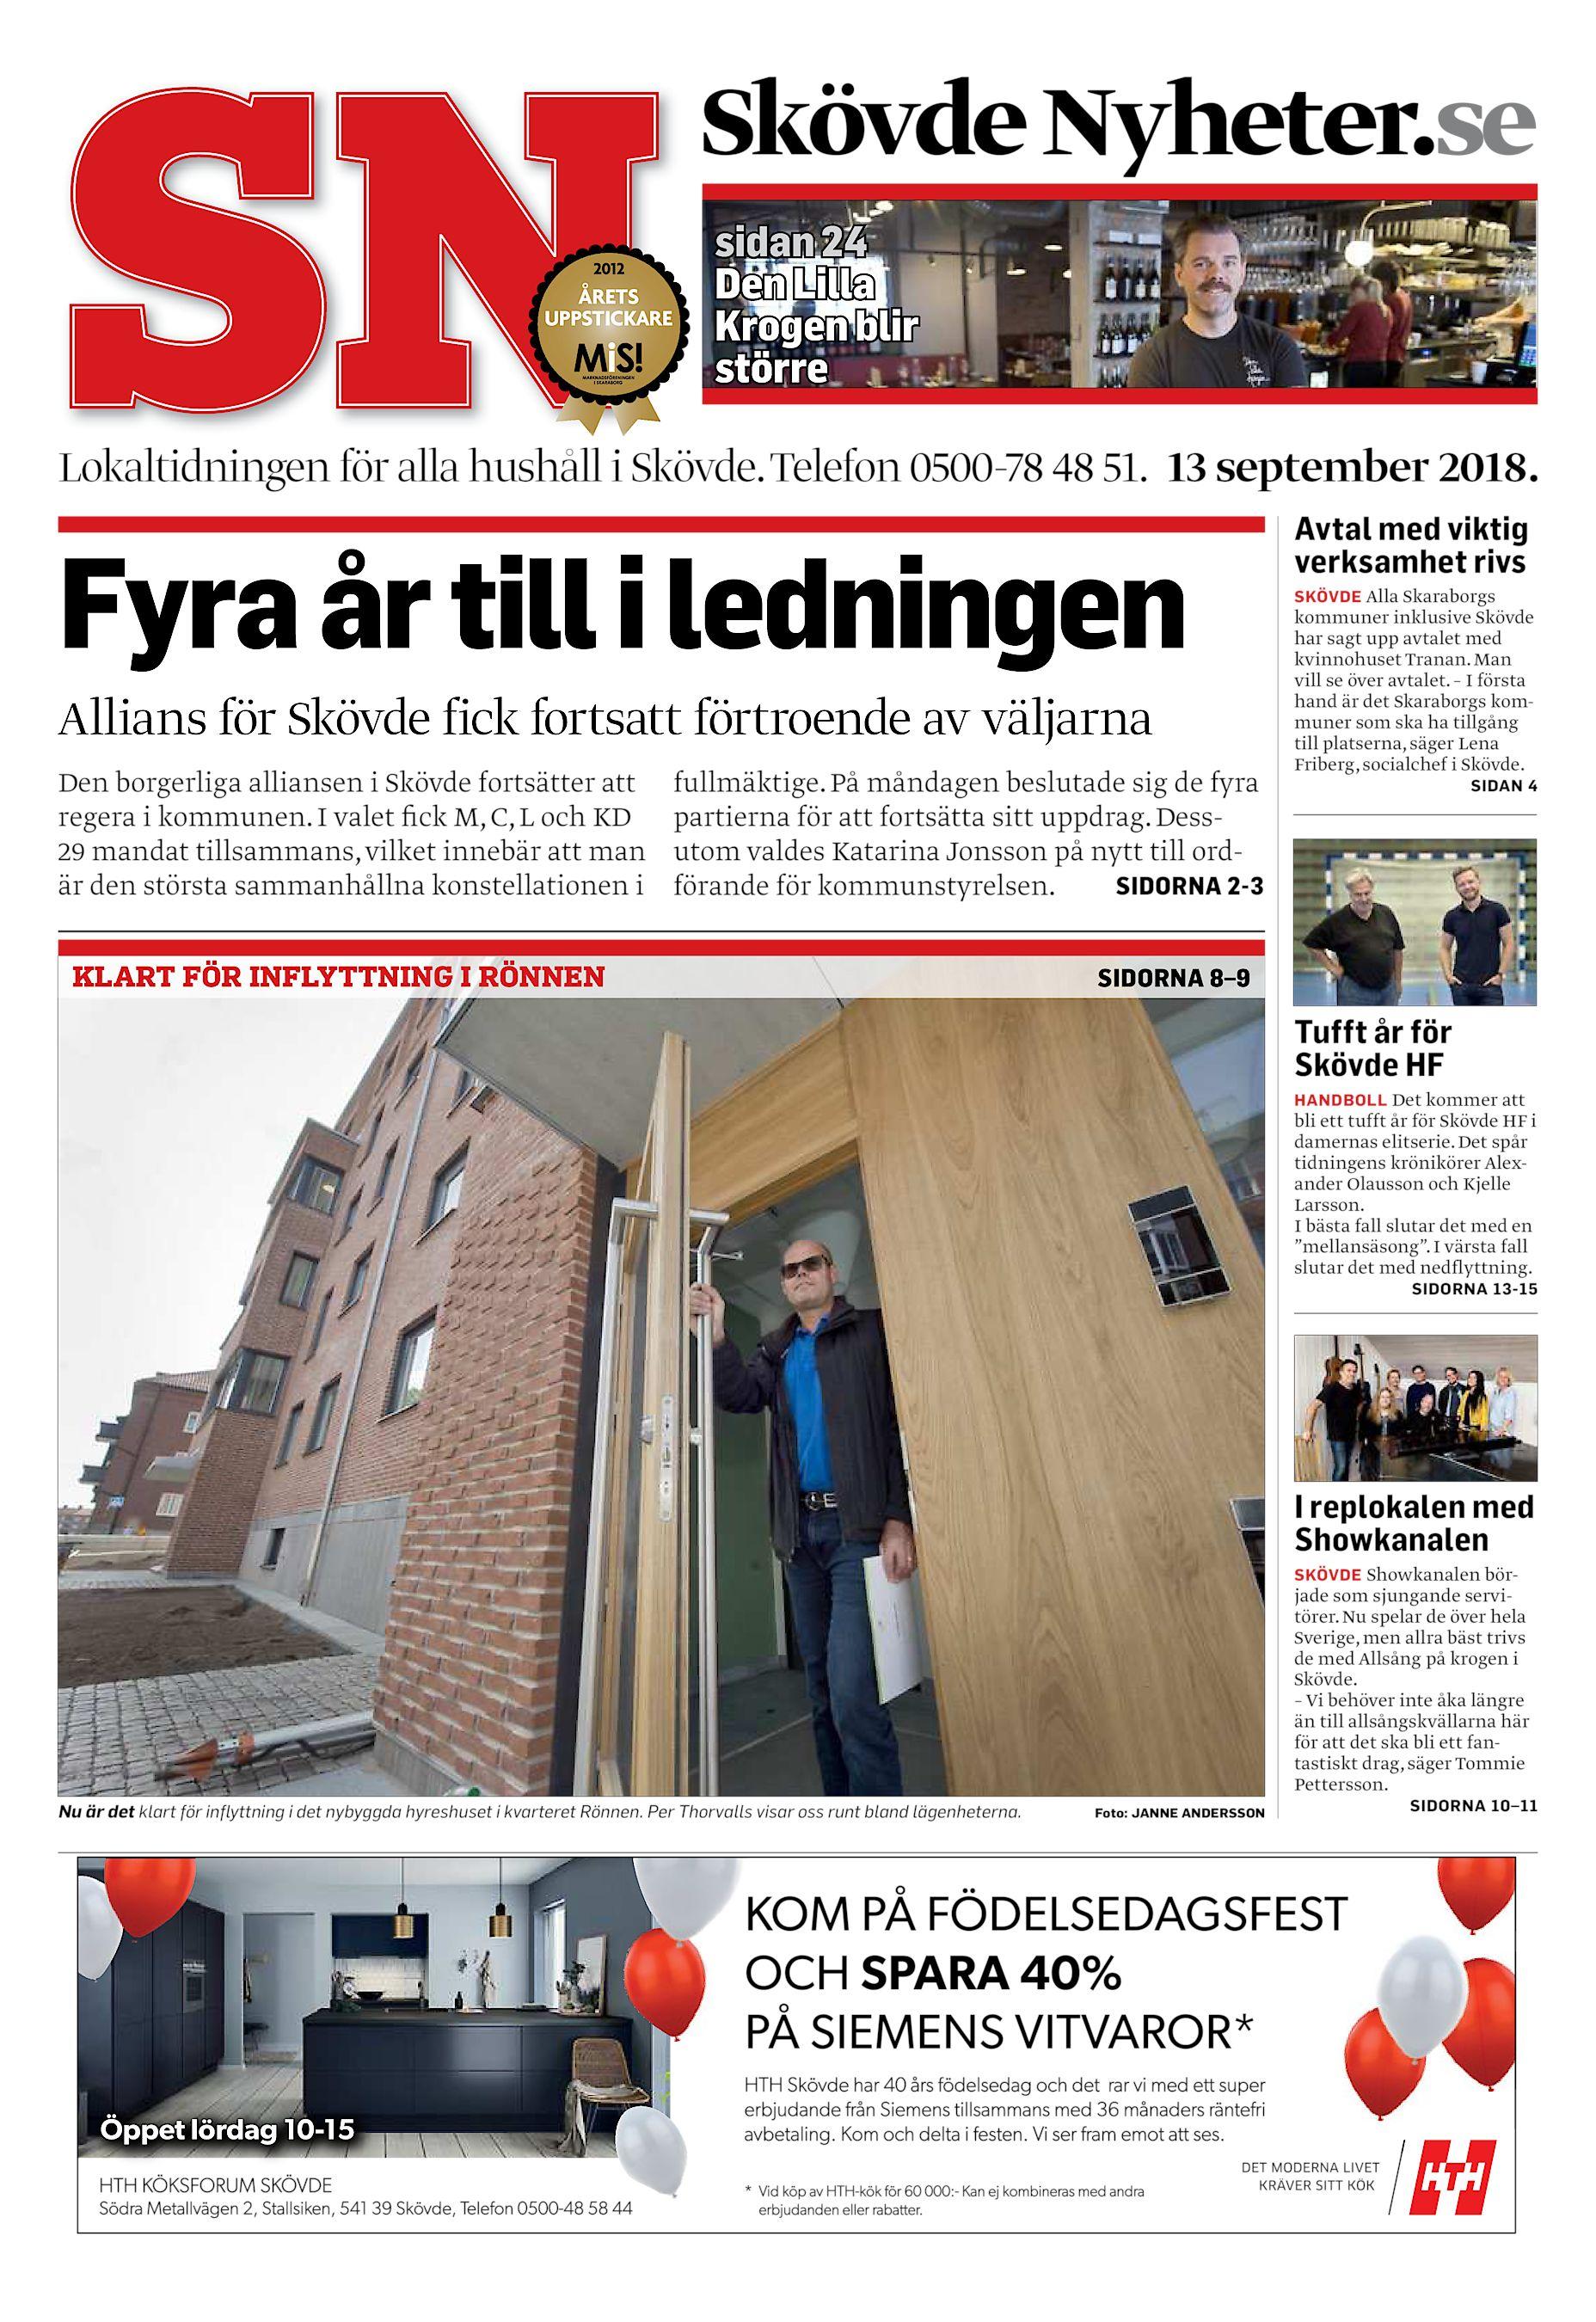 525e0298c9b Skövde Nyheter.se sidan 24 Den Lilla Krogen blir större Lokaltidningen för  alla hushåll i Skövde. Telefon 0500-78 48 51. 13 september 2018.